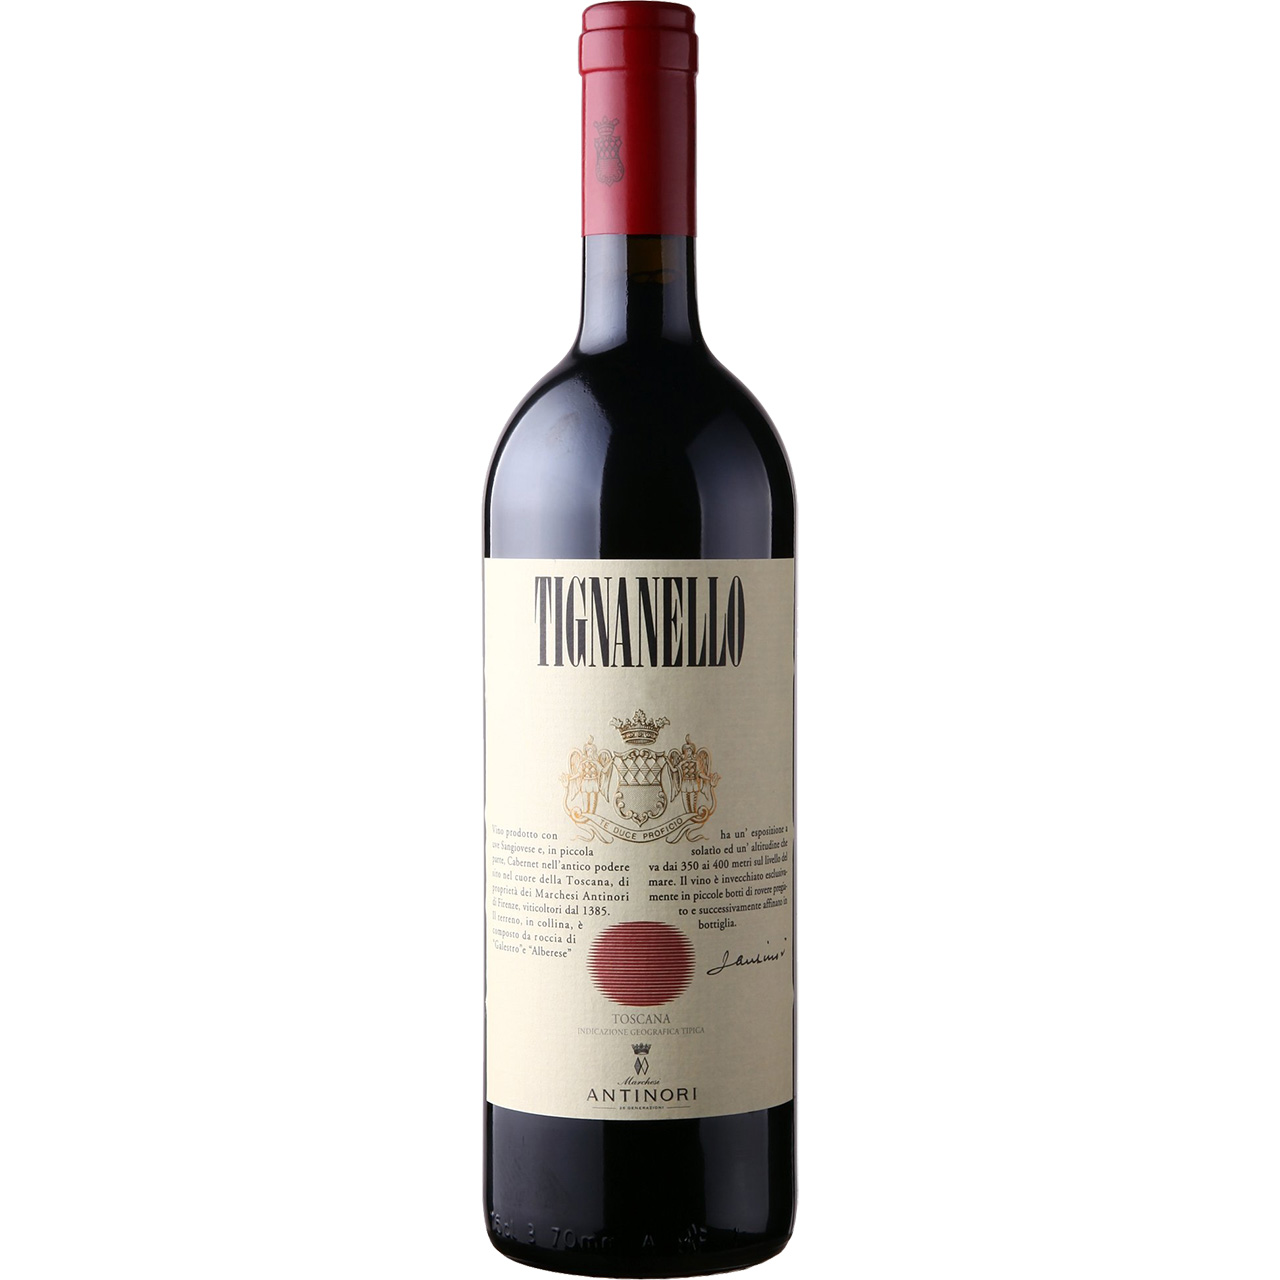 Antinori Tignanello Toscana IGT Rosso